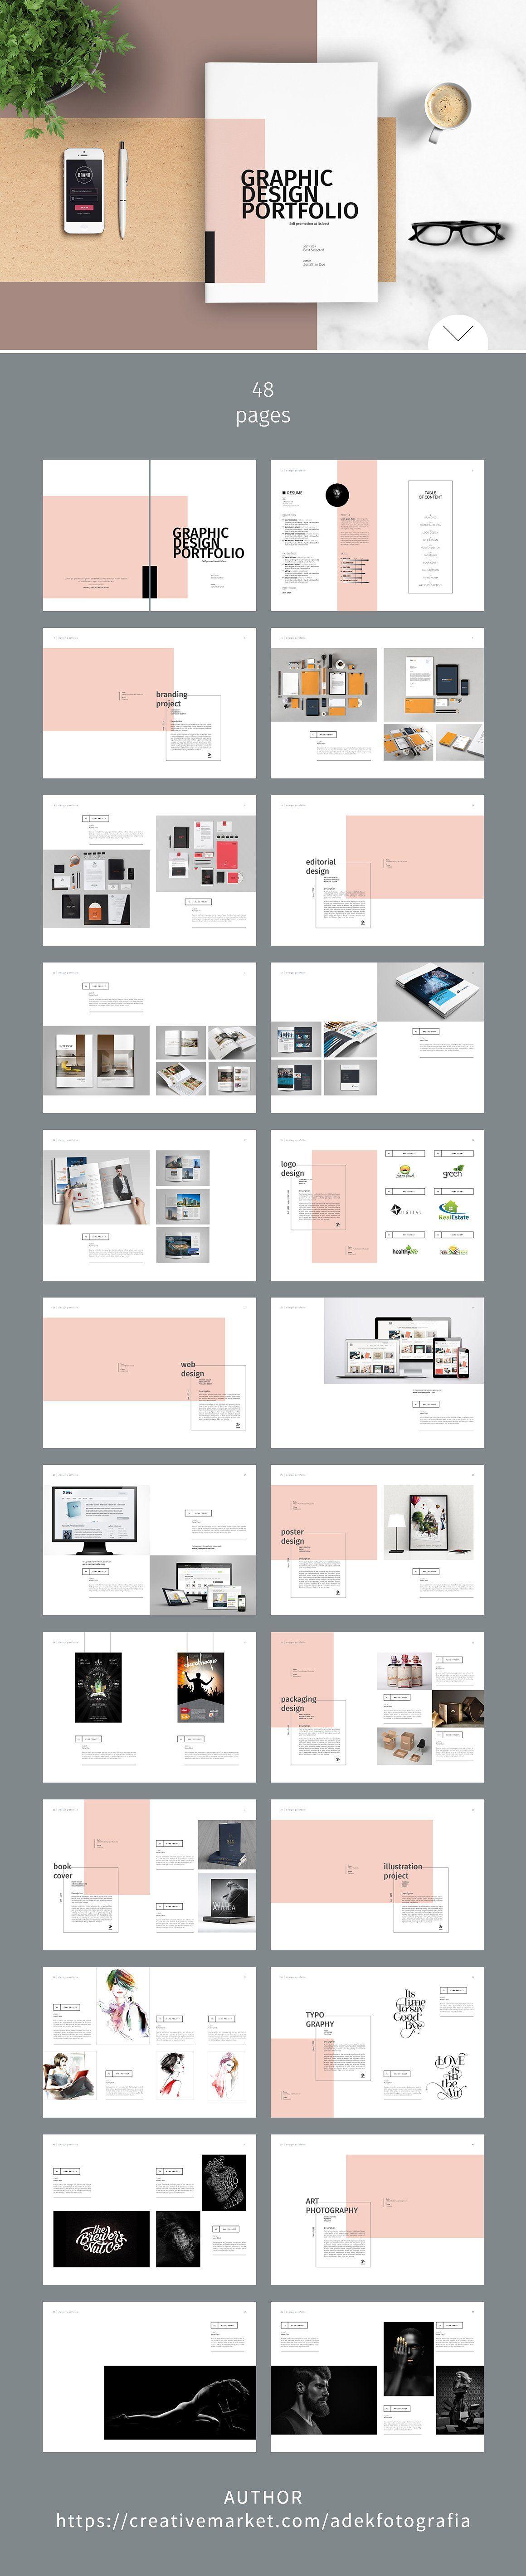 Graphic Design Portfolio Template With Images Portfolio